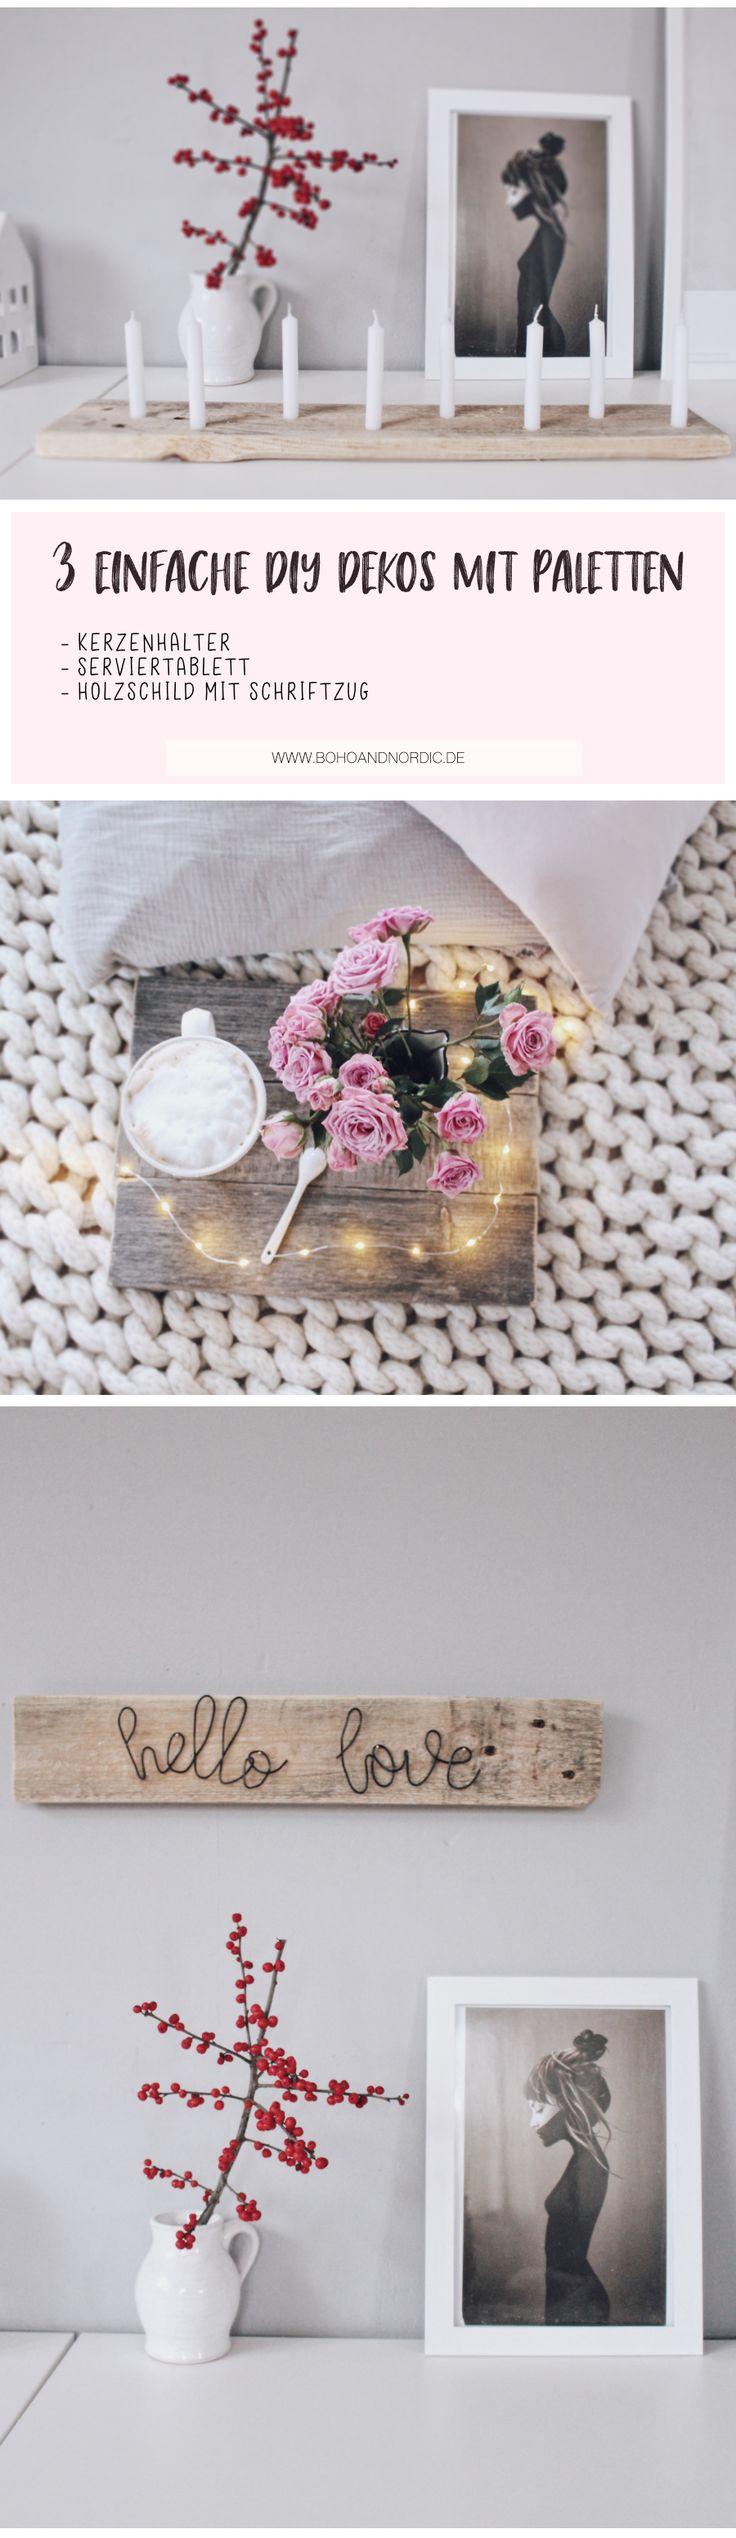 DIY mit Paletten – 3 einfache Bastelideen für dein Zuhause. Dekos aus Holz schnell und einfach selber machen. DIY Tablett. DIY Kerzenhalter und DIY Holzschild mit Schriftzug aus Draht. Möbel aus Paletten selber bauen.